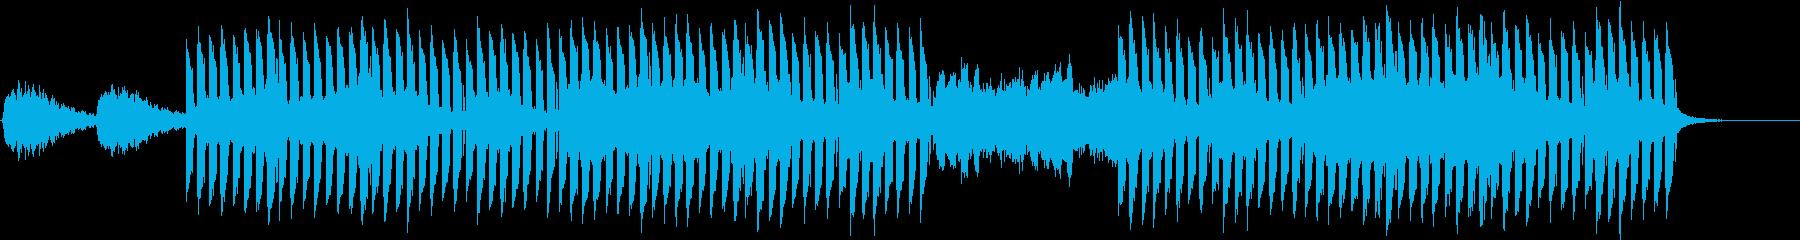 おしゃれかっこいいEDMジングル5の再生済みの波形